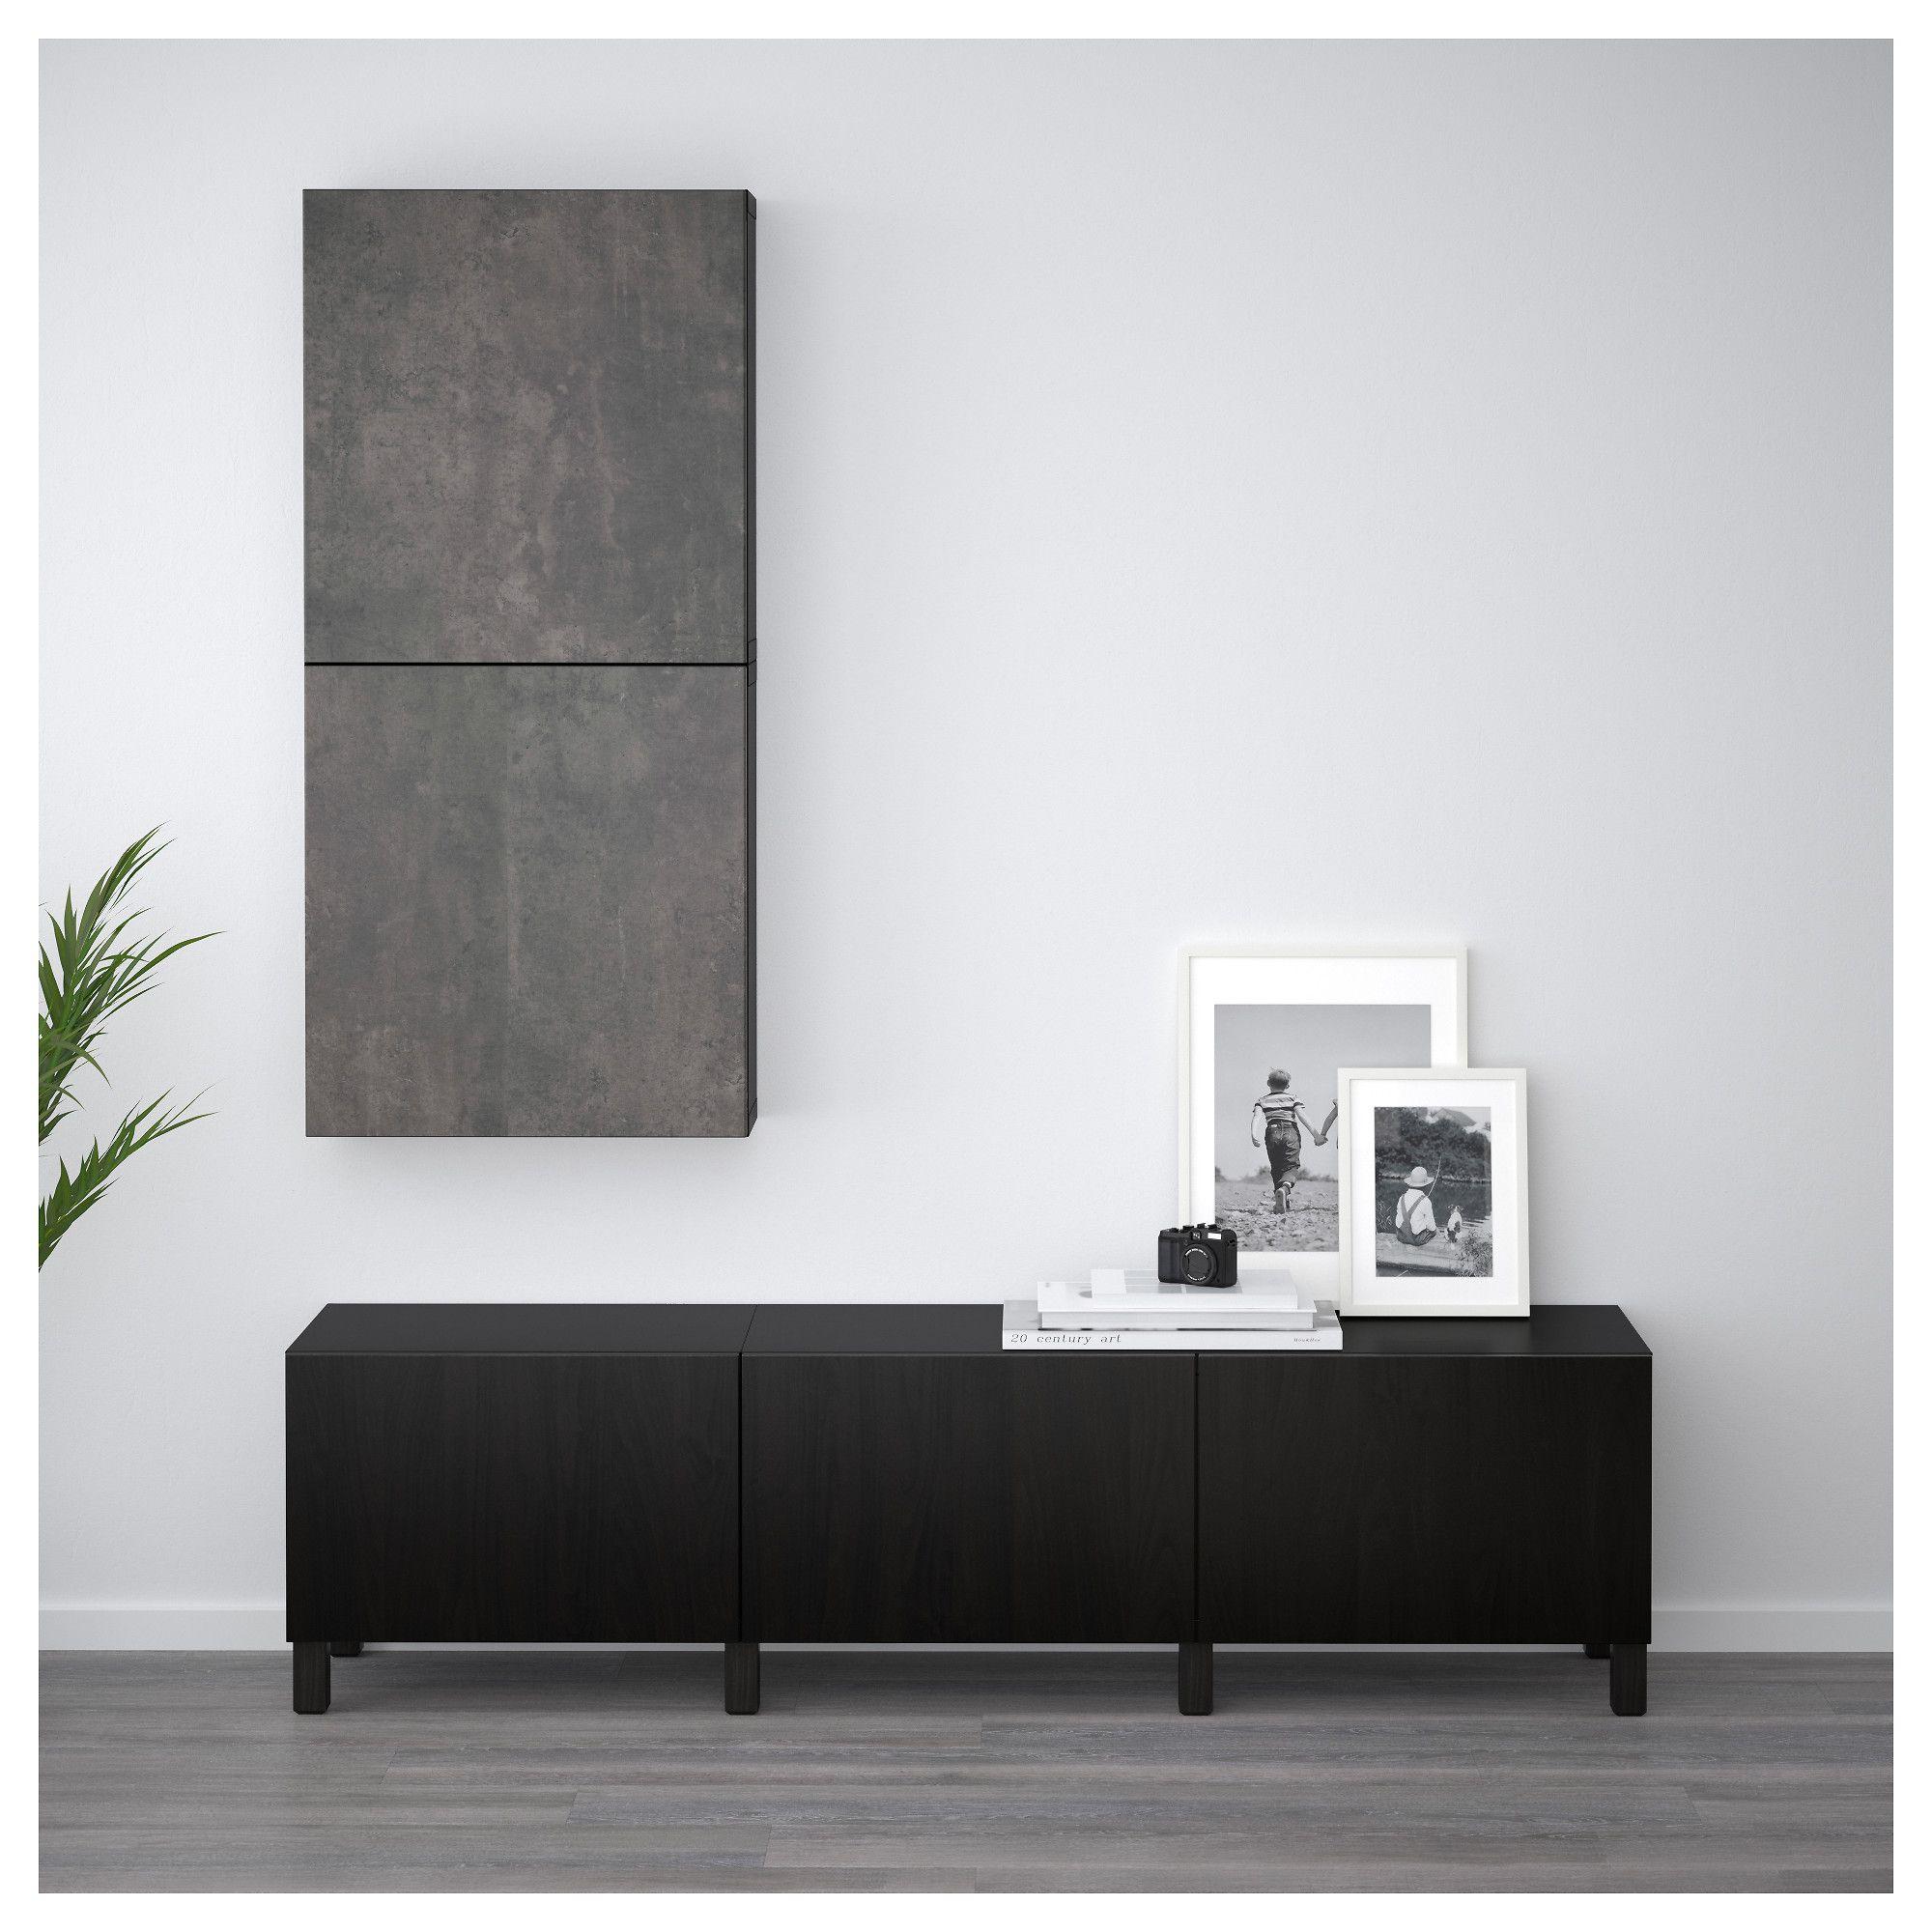 Ikea Besta Wall Cabinet With  Doors Black Brown